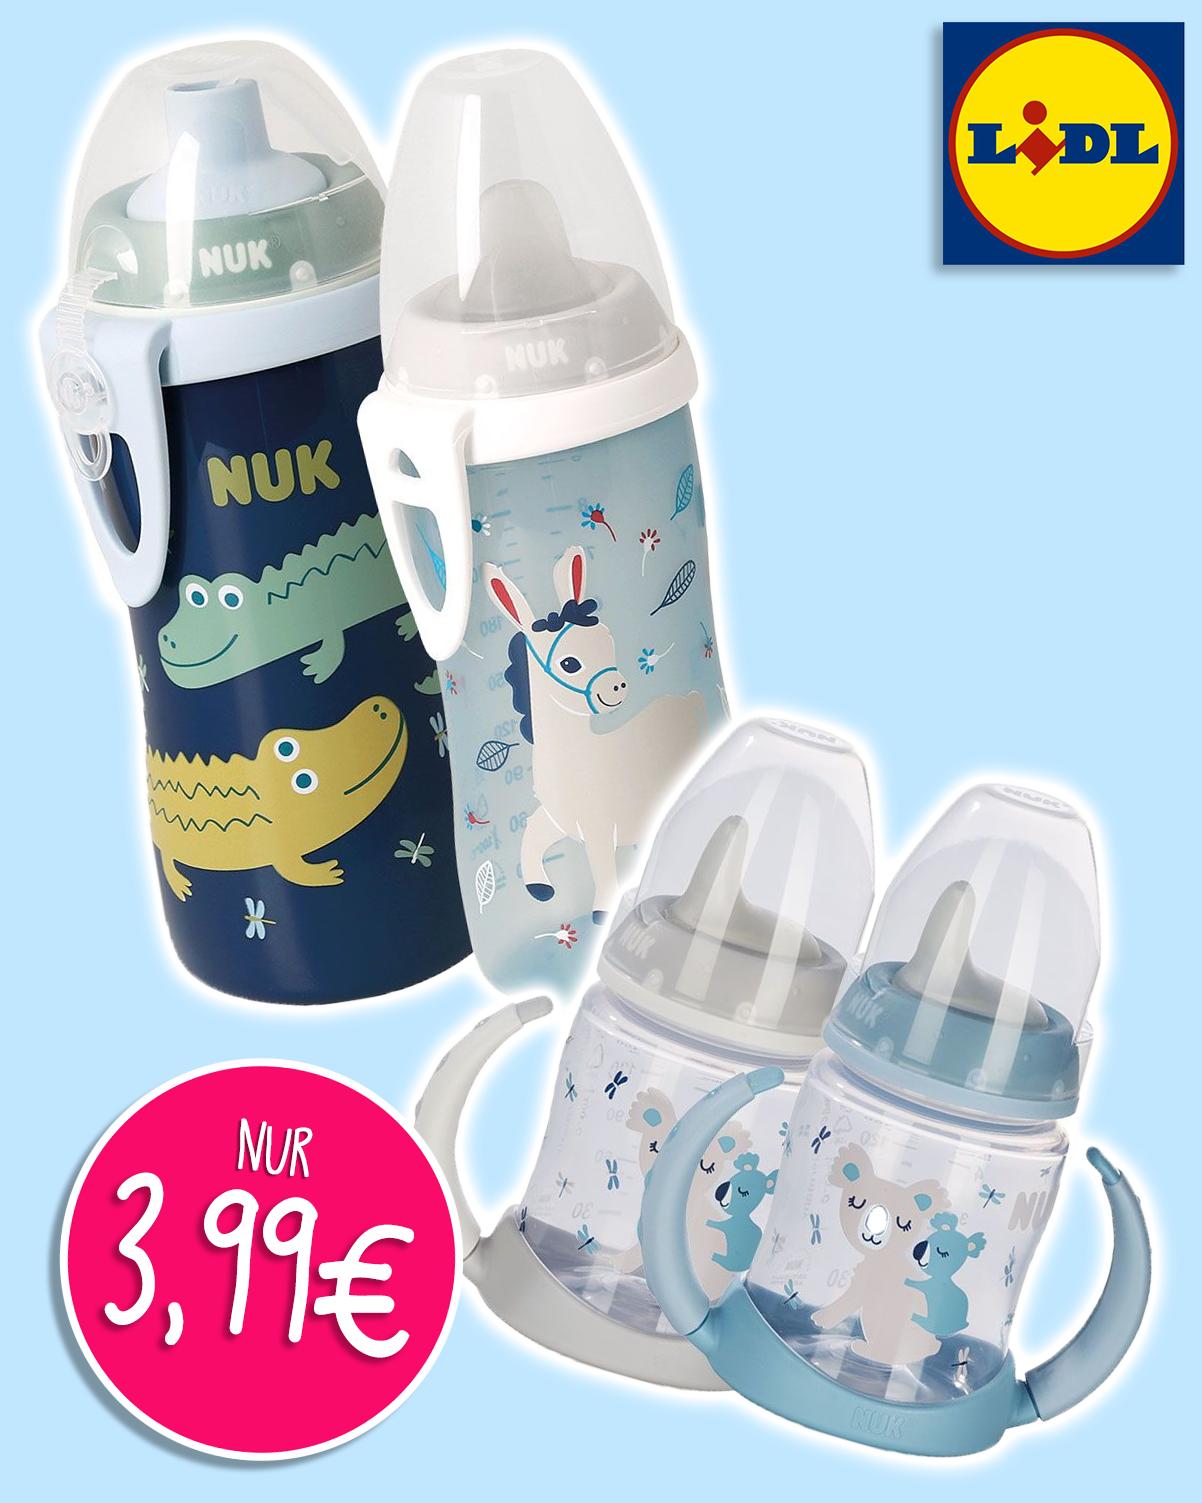 NUK Flaschensets in groß und klein in blau Tönen